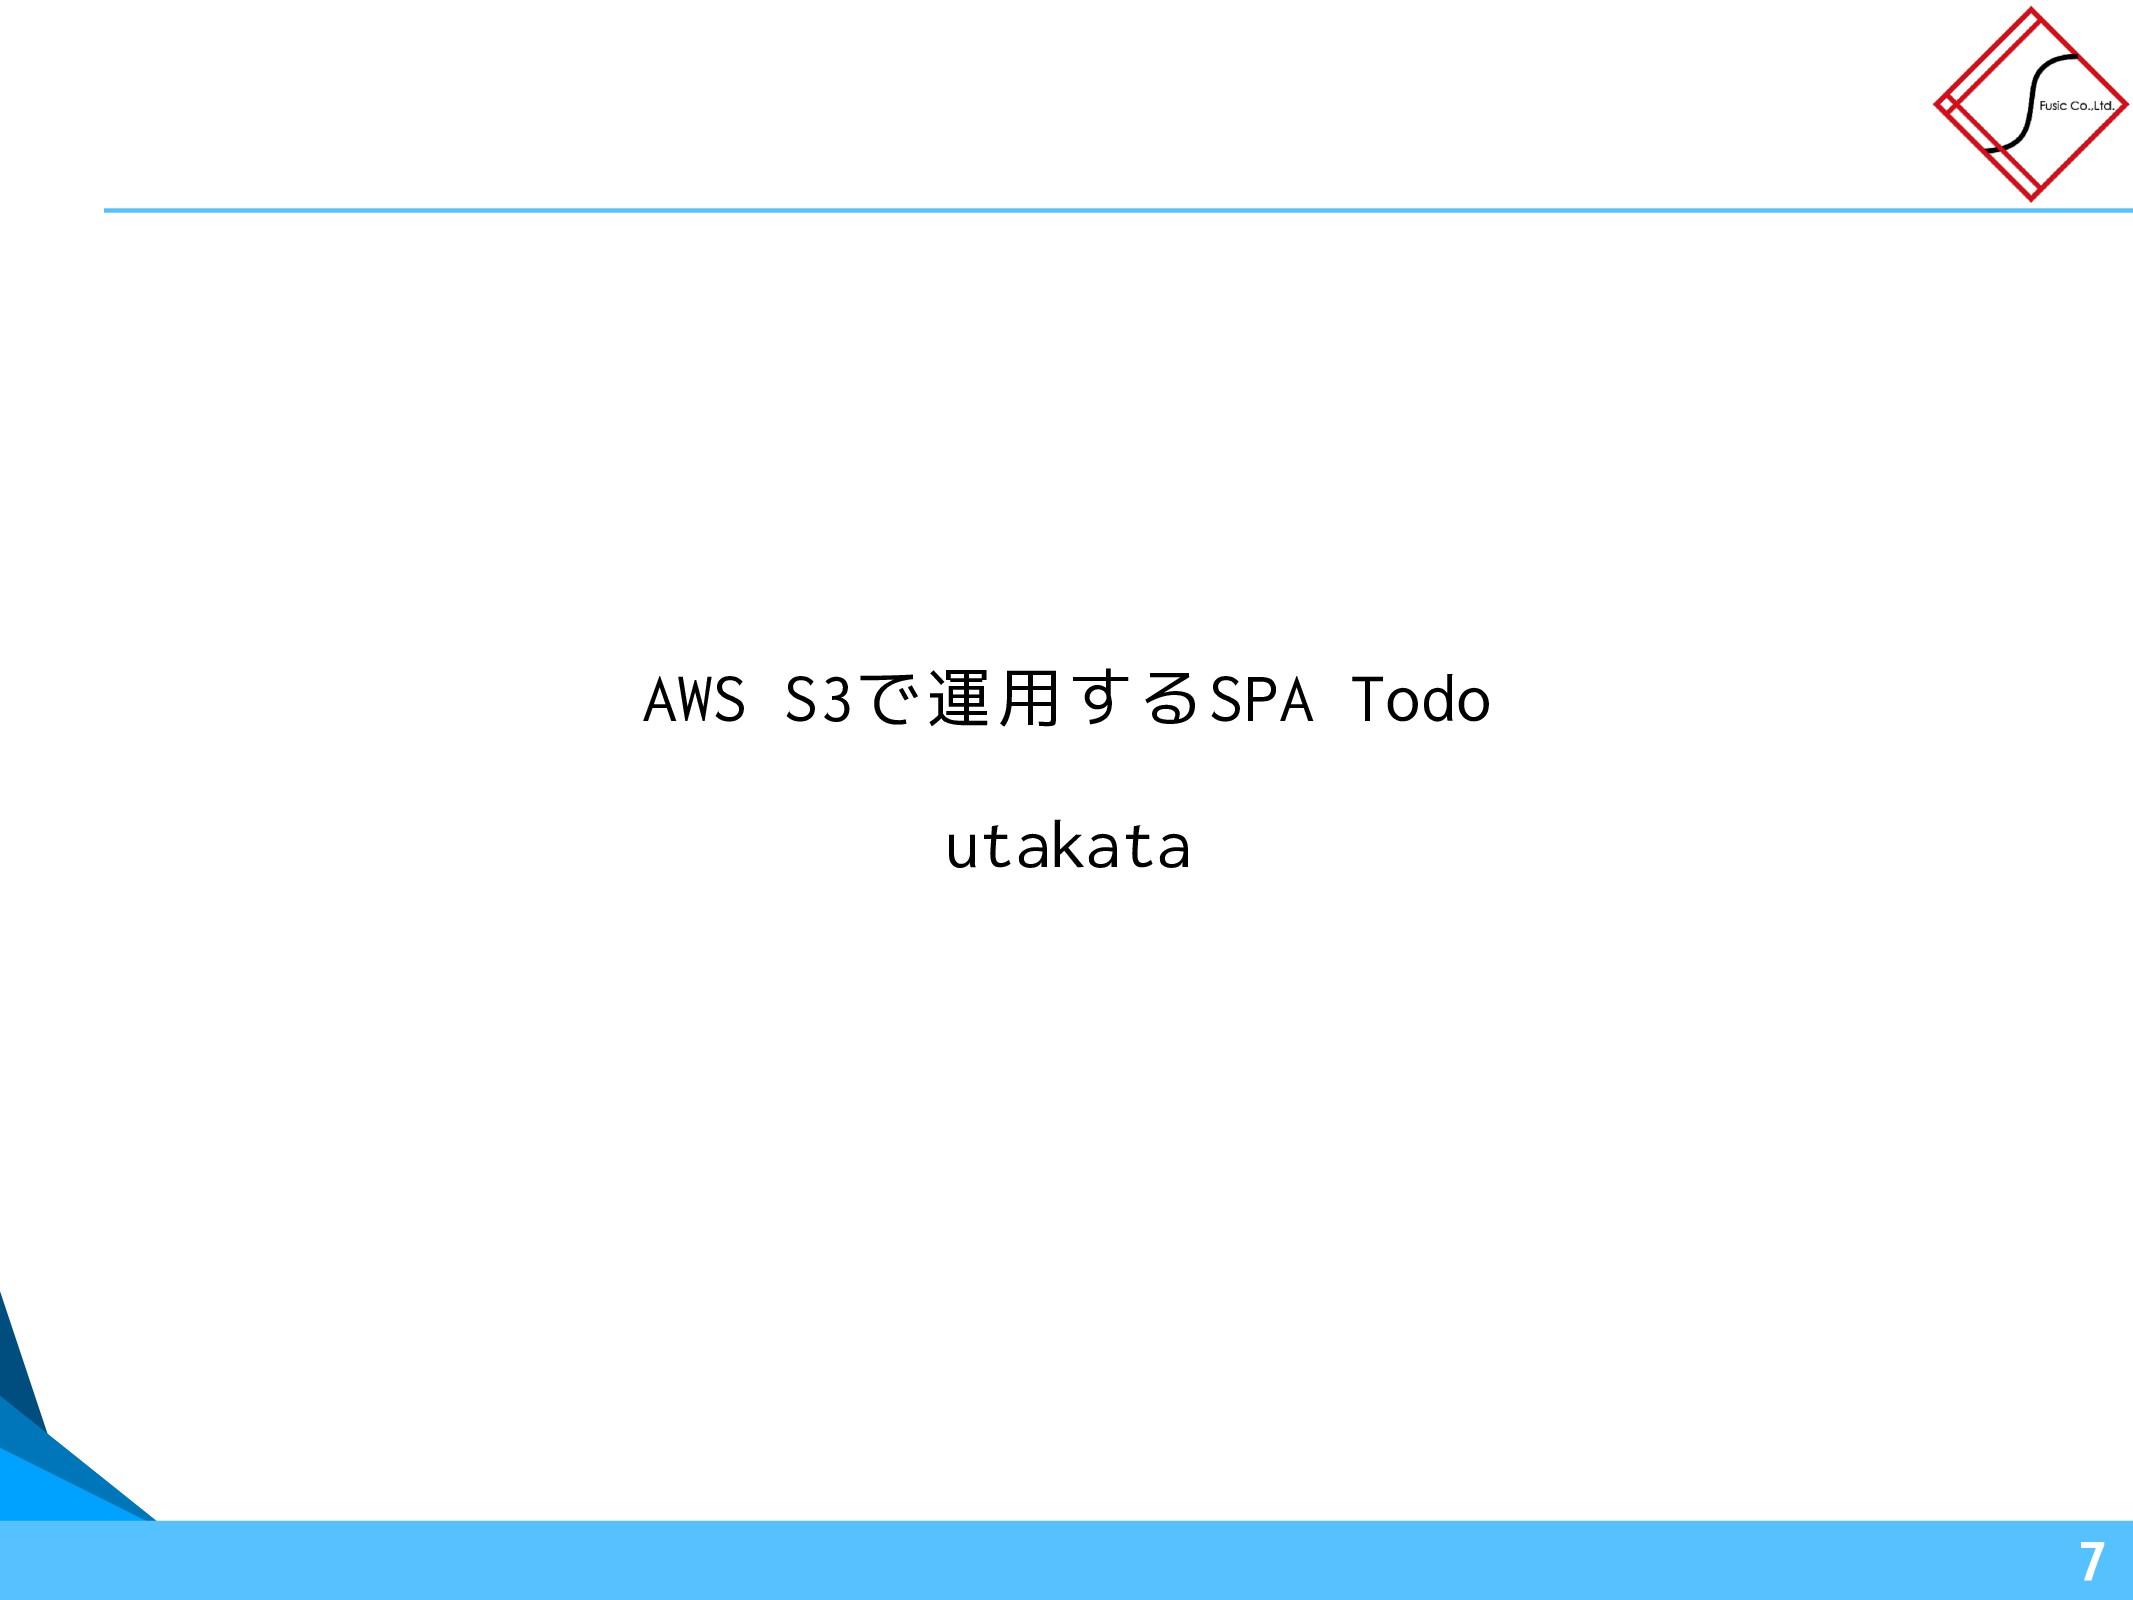 AWS S3で運用するSPA Todo utakata 7